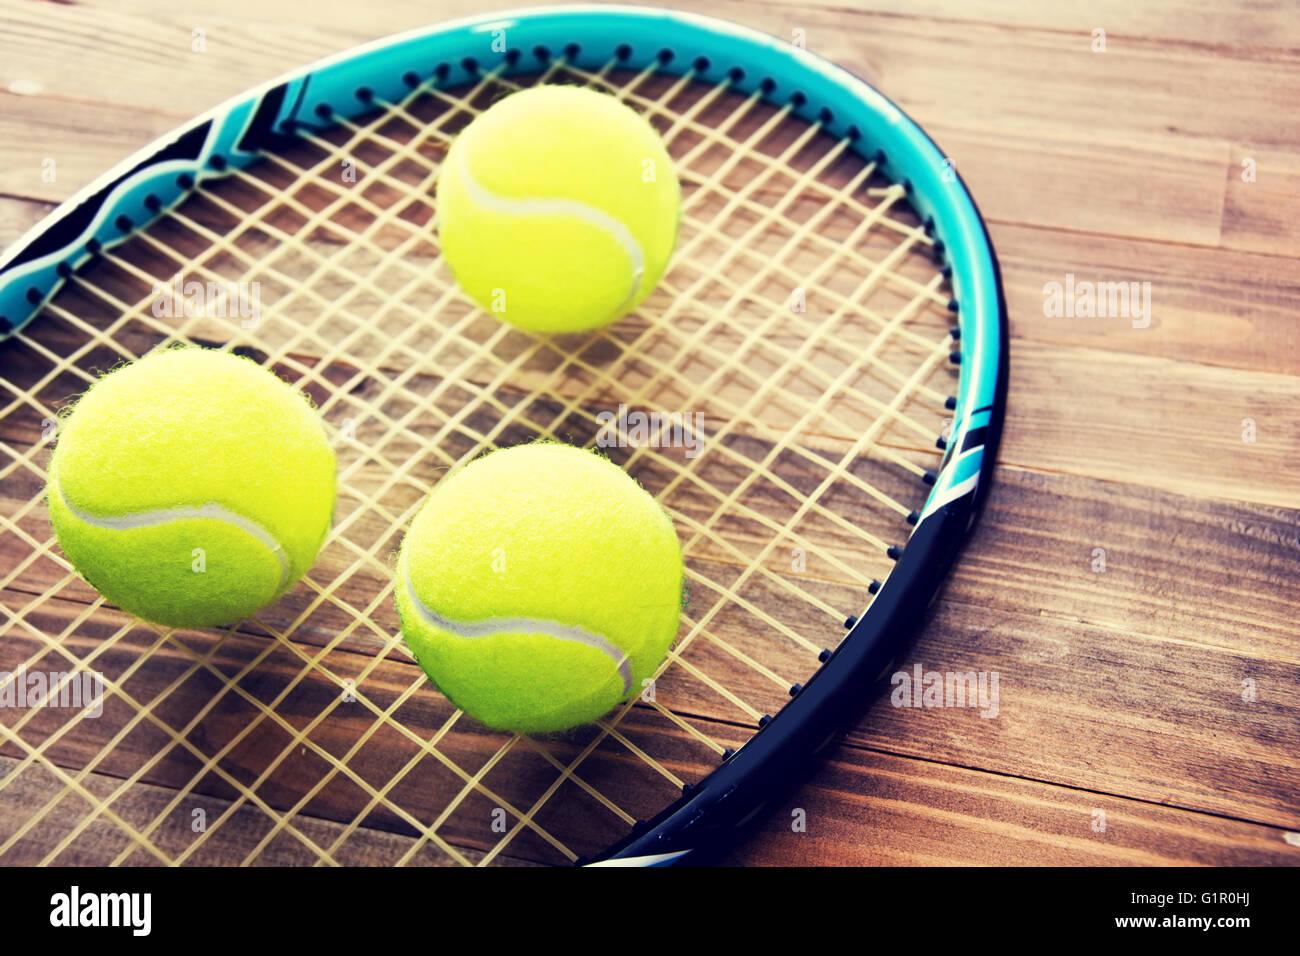 Gioco di tennis. Palla da tennis su sfondo di legno. Vintage retrò foto. Immagini Stock